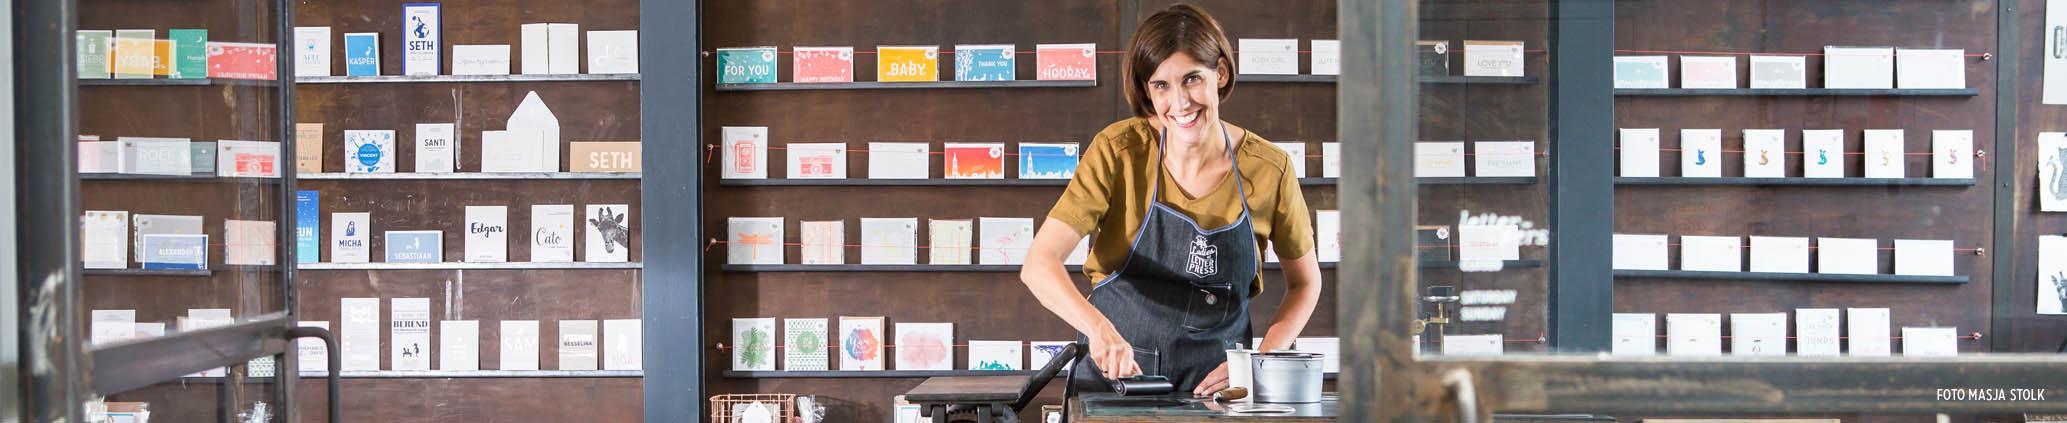 Letterpers Printshop printer letterpress workshop werkplaats drukkerij geboortekaarten trouwkaarten bijzonder drukwerk shop